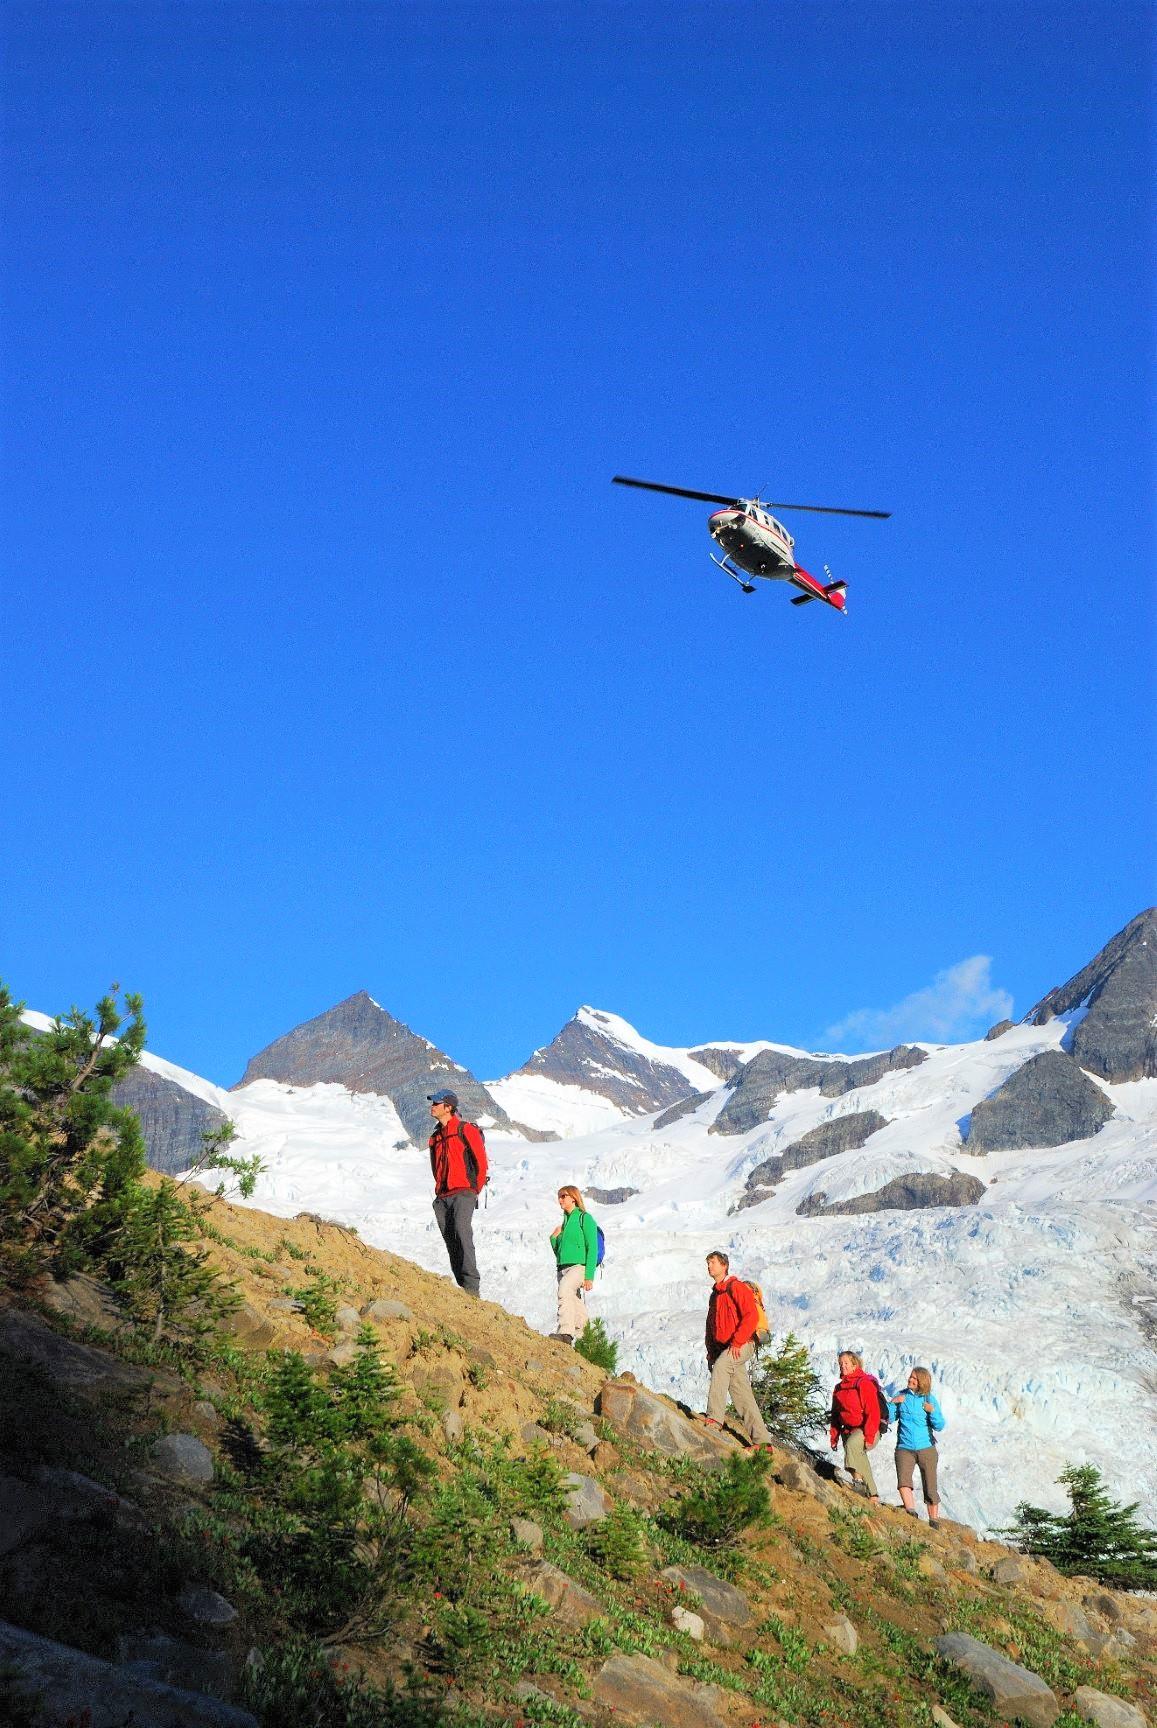 ヘリ・ハイキングは毎日が感動と驚きの連続